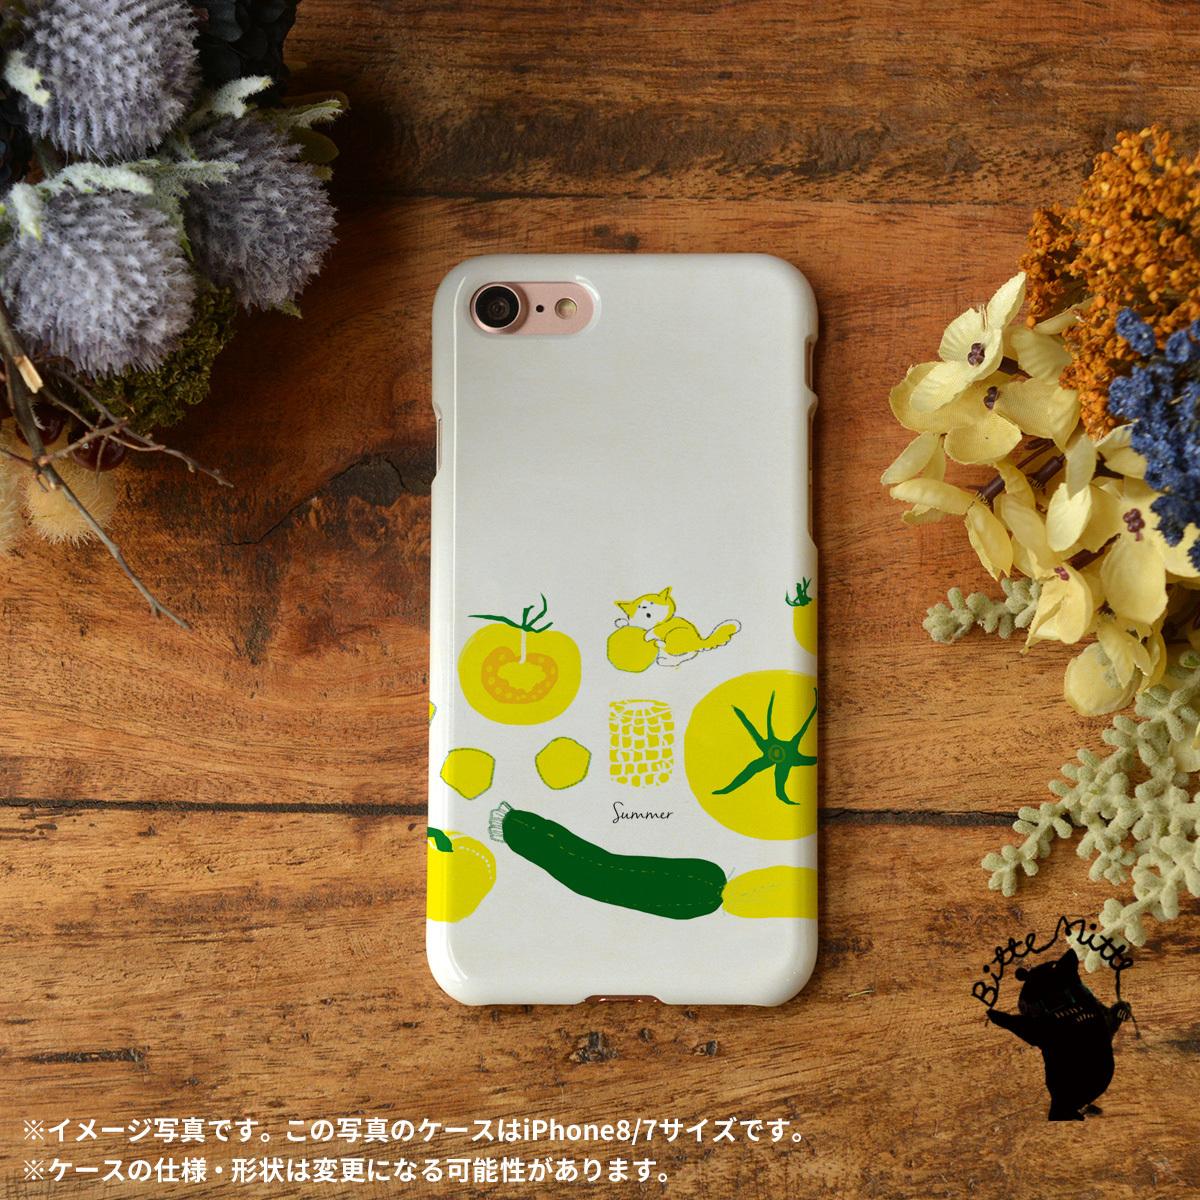 iphone8 ハードケース おしゃれ iphone8 ハードケース シンプル iphone7 ケース かわいい ハード  猫 ねこ 野菜 夏 ネコ 猫と夏野菜/Bitte Mitte!